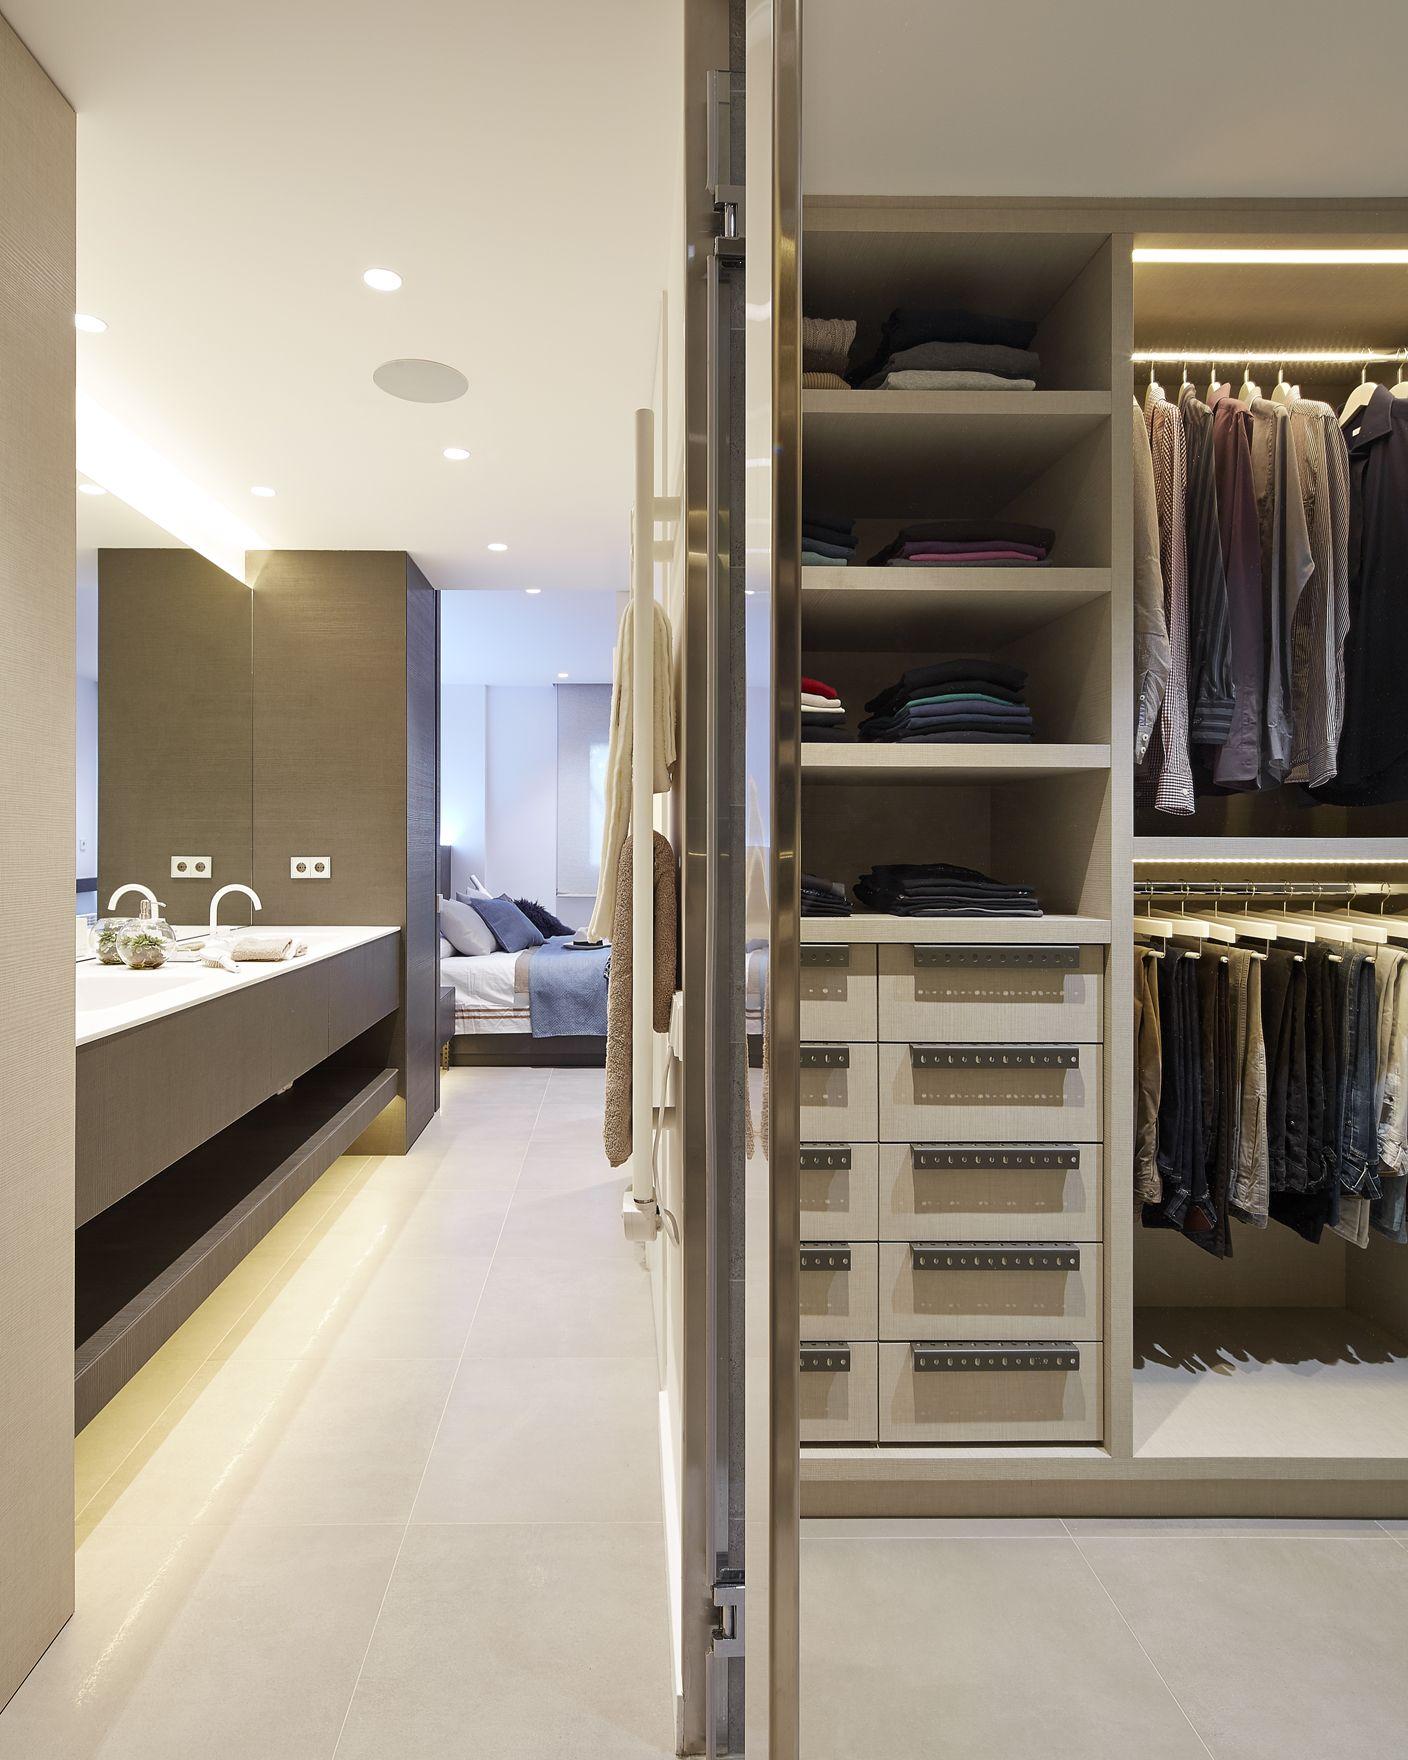 Molinsdesign dise os de ba os de lujo interiorismo for Diseno de habitacion principal pequena